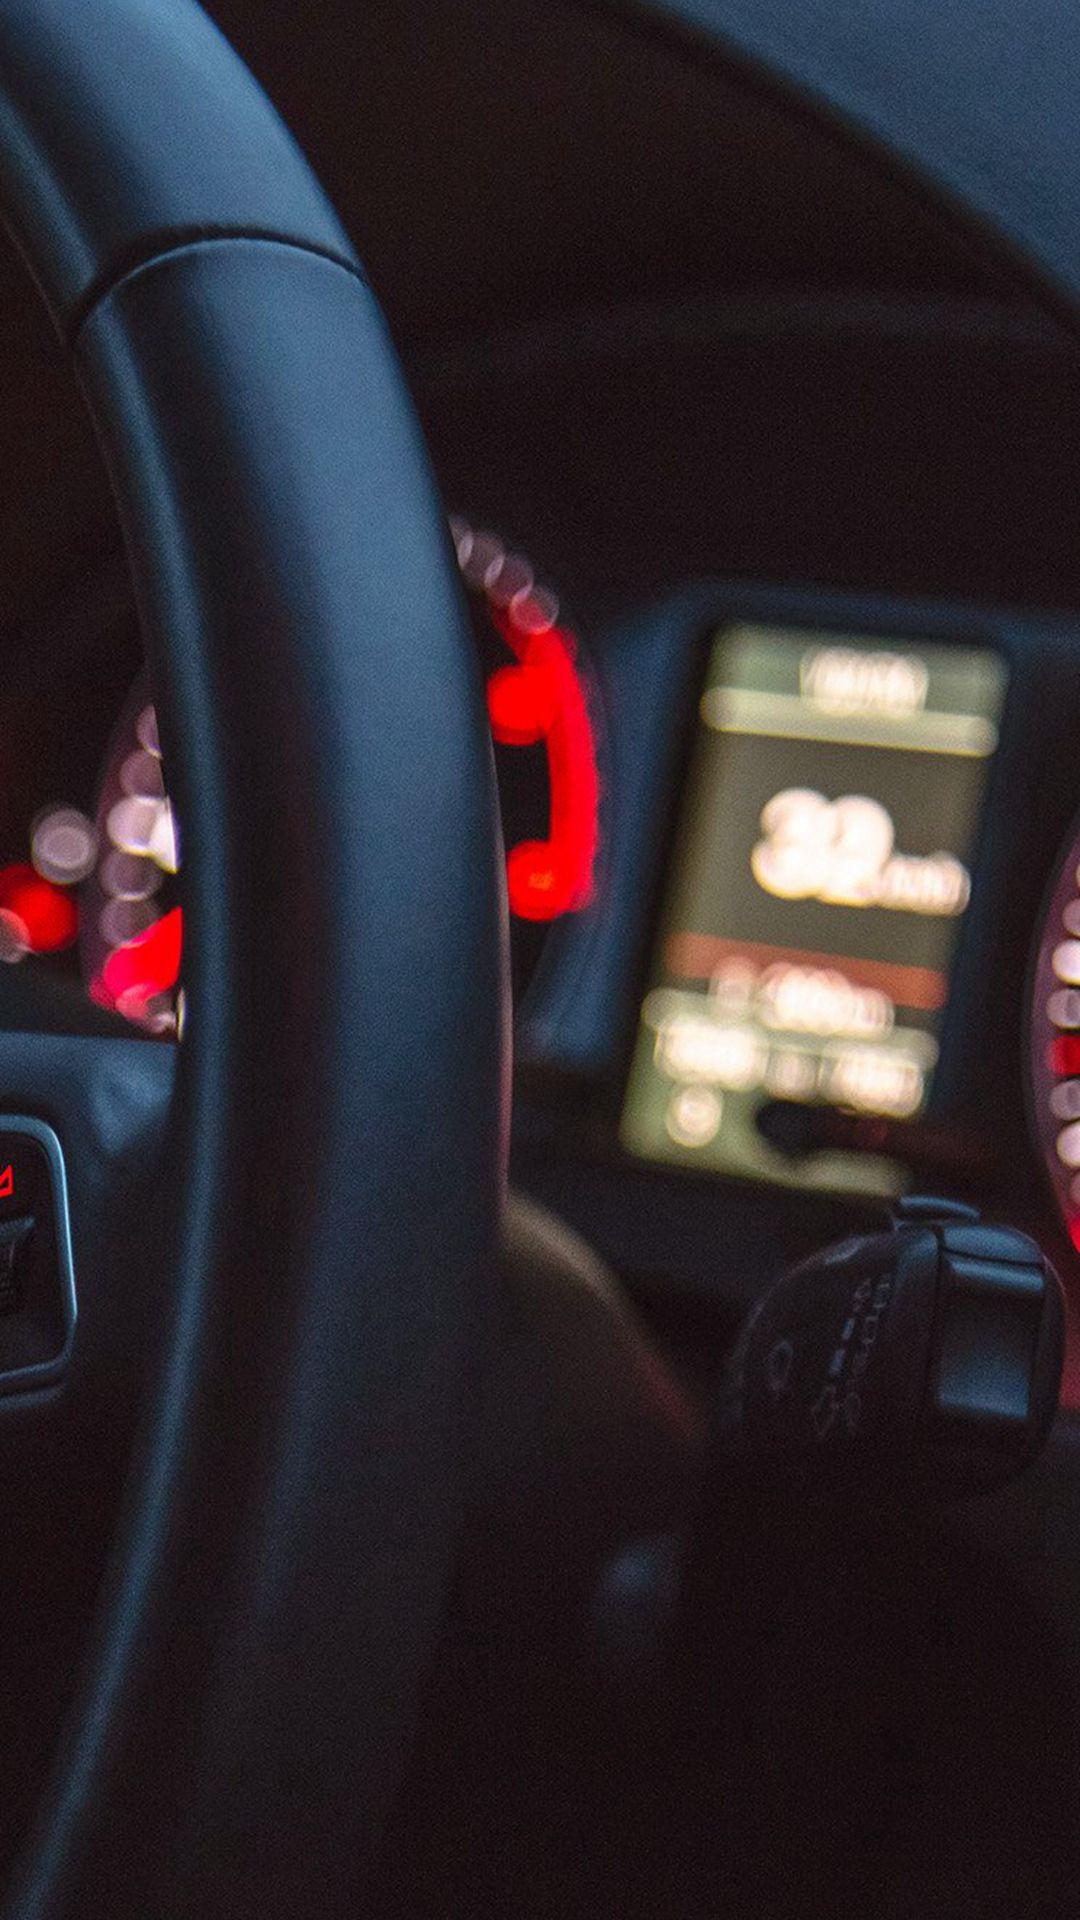 car audi drive interior motor man #iphone #6 #plus #wallpaper